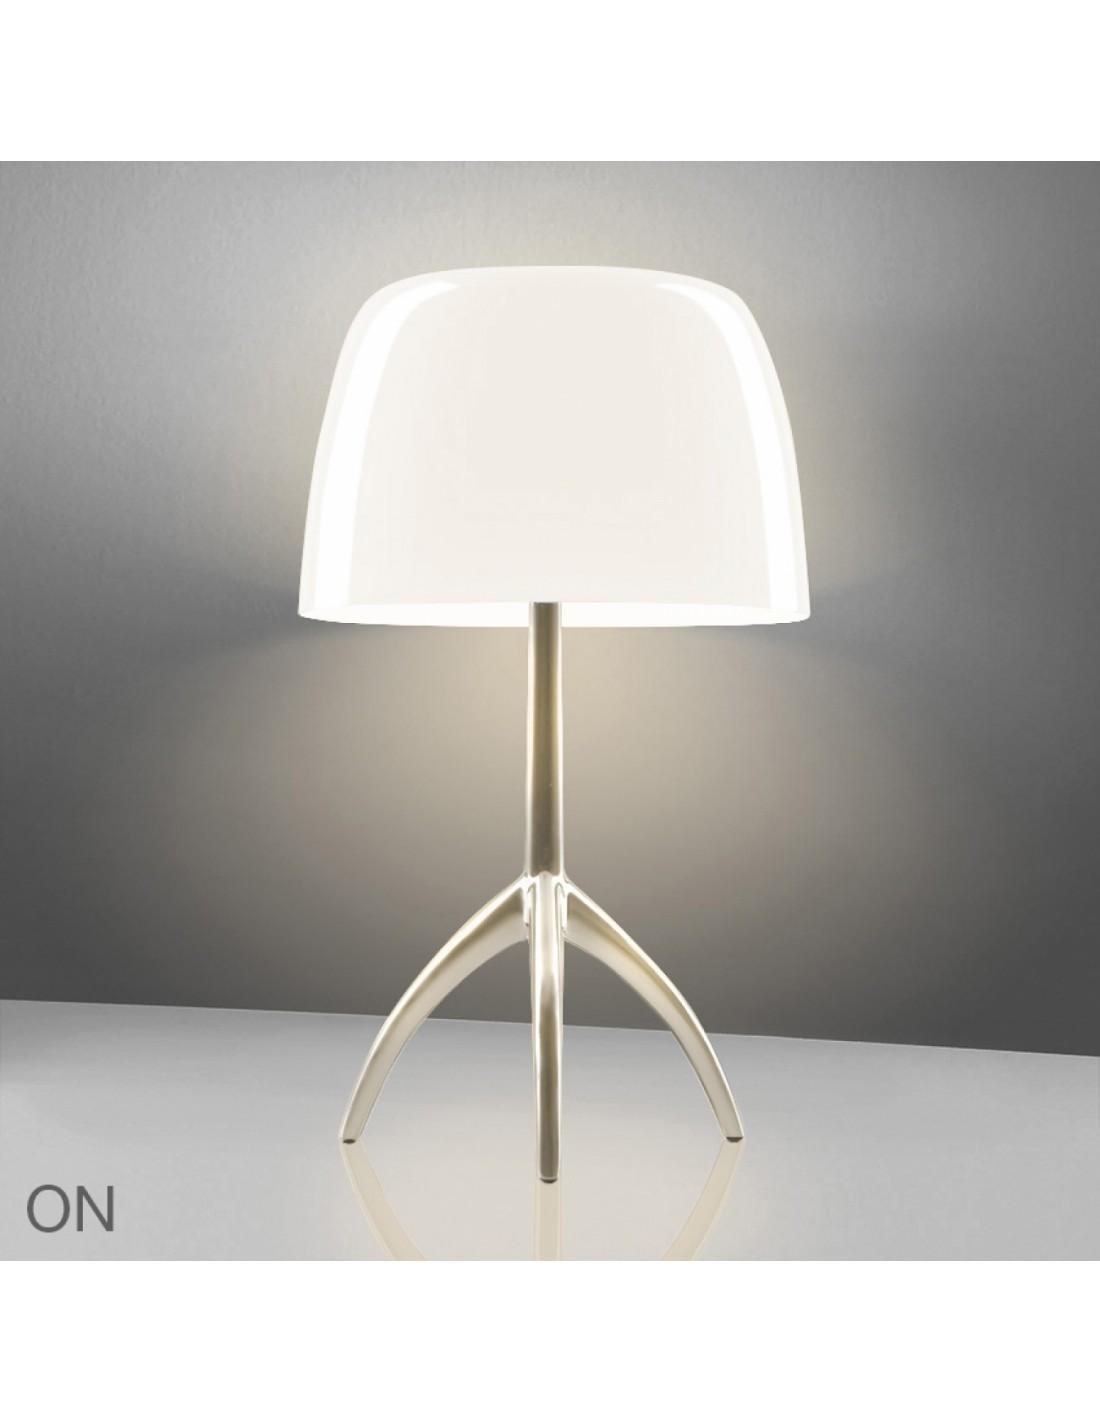 Lampe de table Lumière 05 Piccola Champagne blanc crème